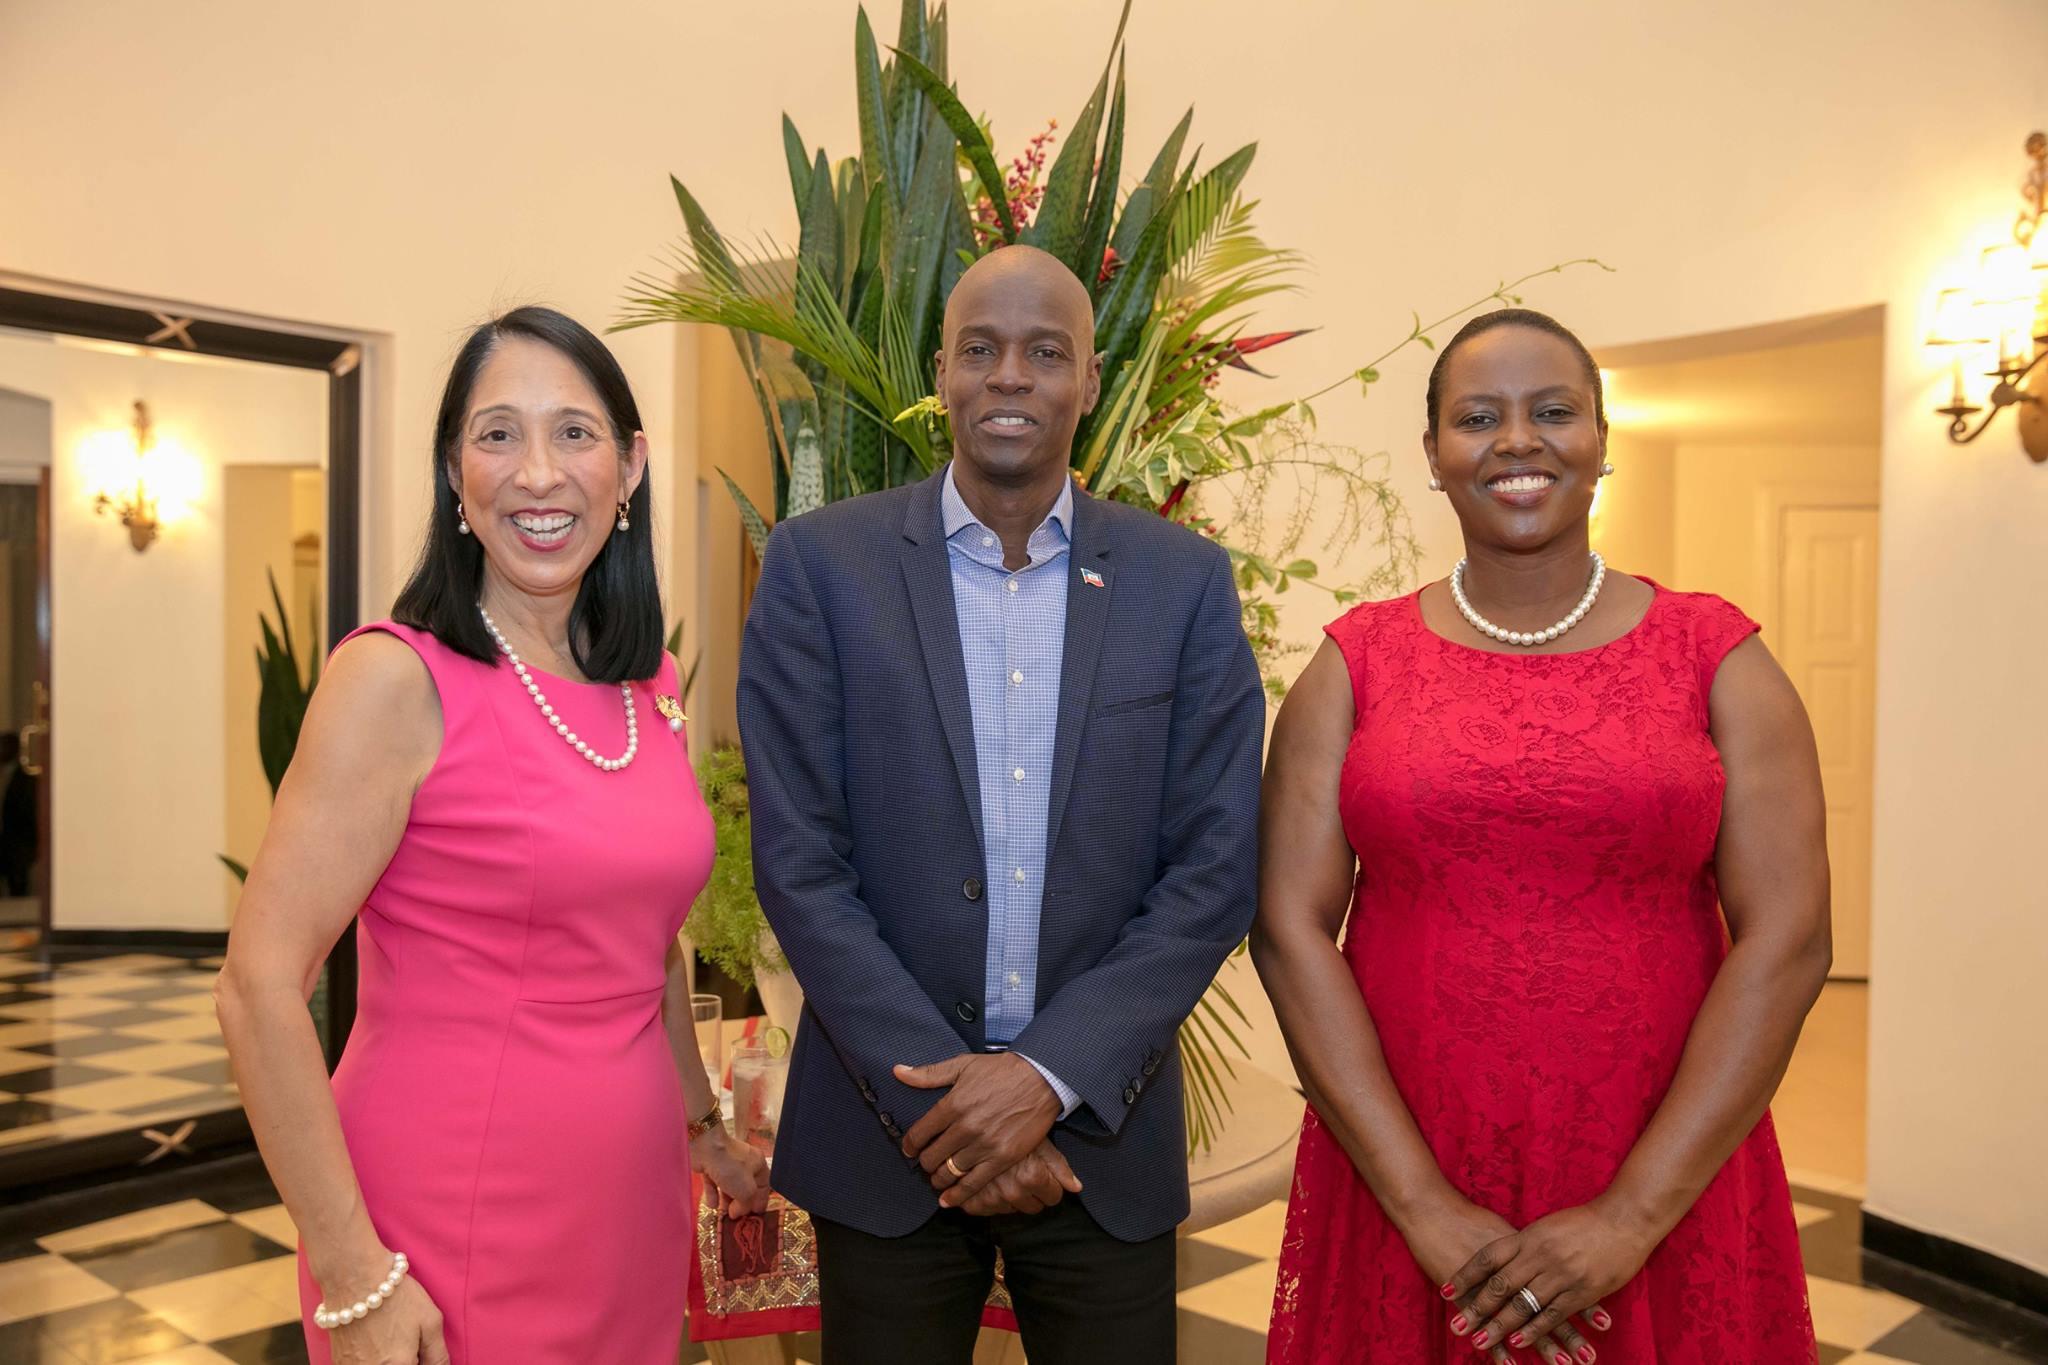 L'ambassadeur des Etats-Unis Michele J. Sison, le chef de l'Etat Jovenel Moise et son épouse Martine. (de g. à d.)/ Photo: Ambassade des États-Unis, Port-au-Prince (Haiti)/Facebook